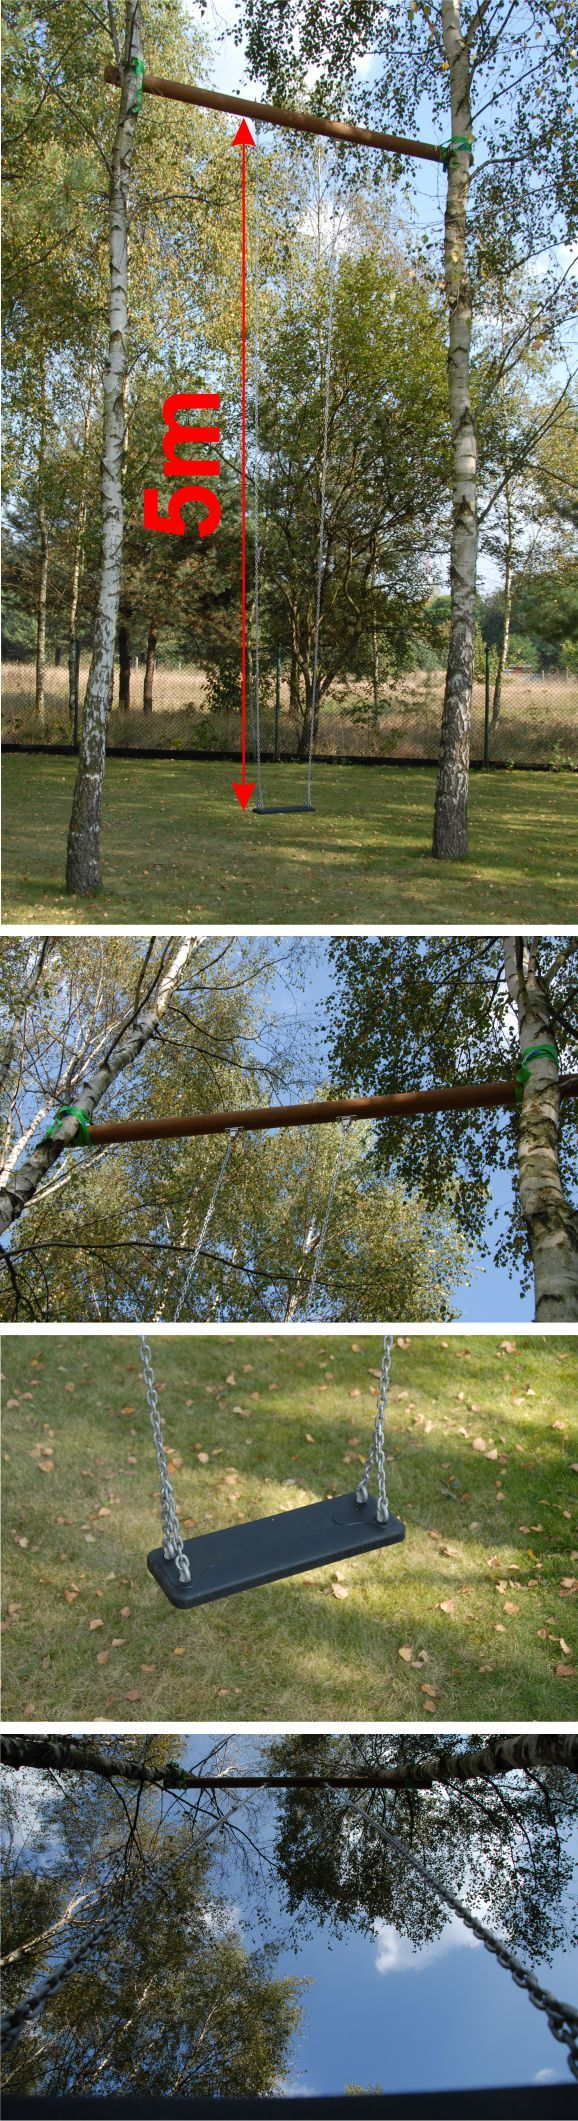 huśtawka 5m - swing 5m